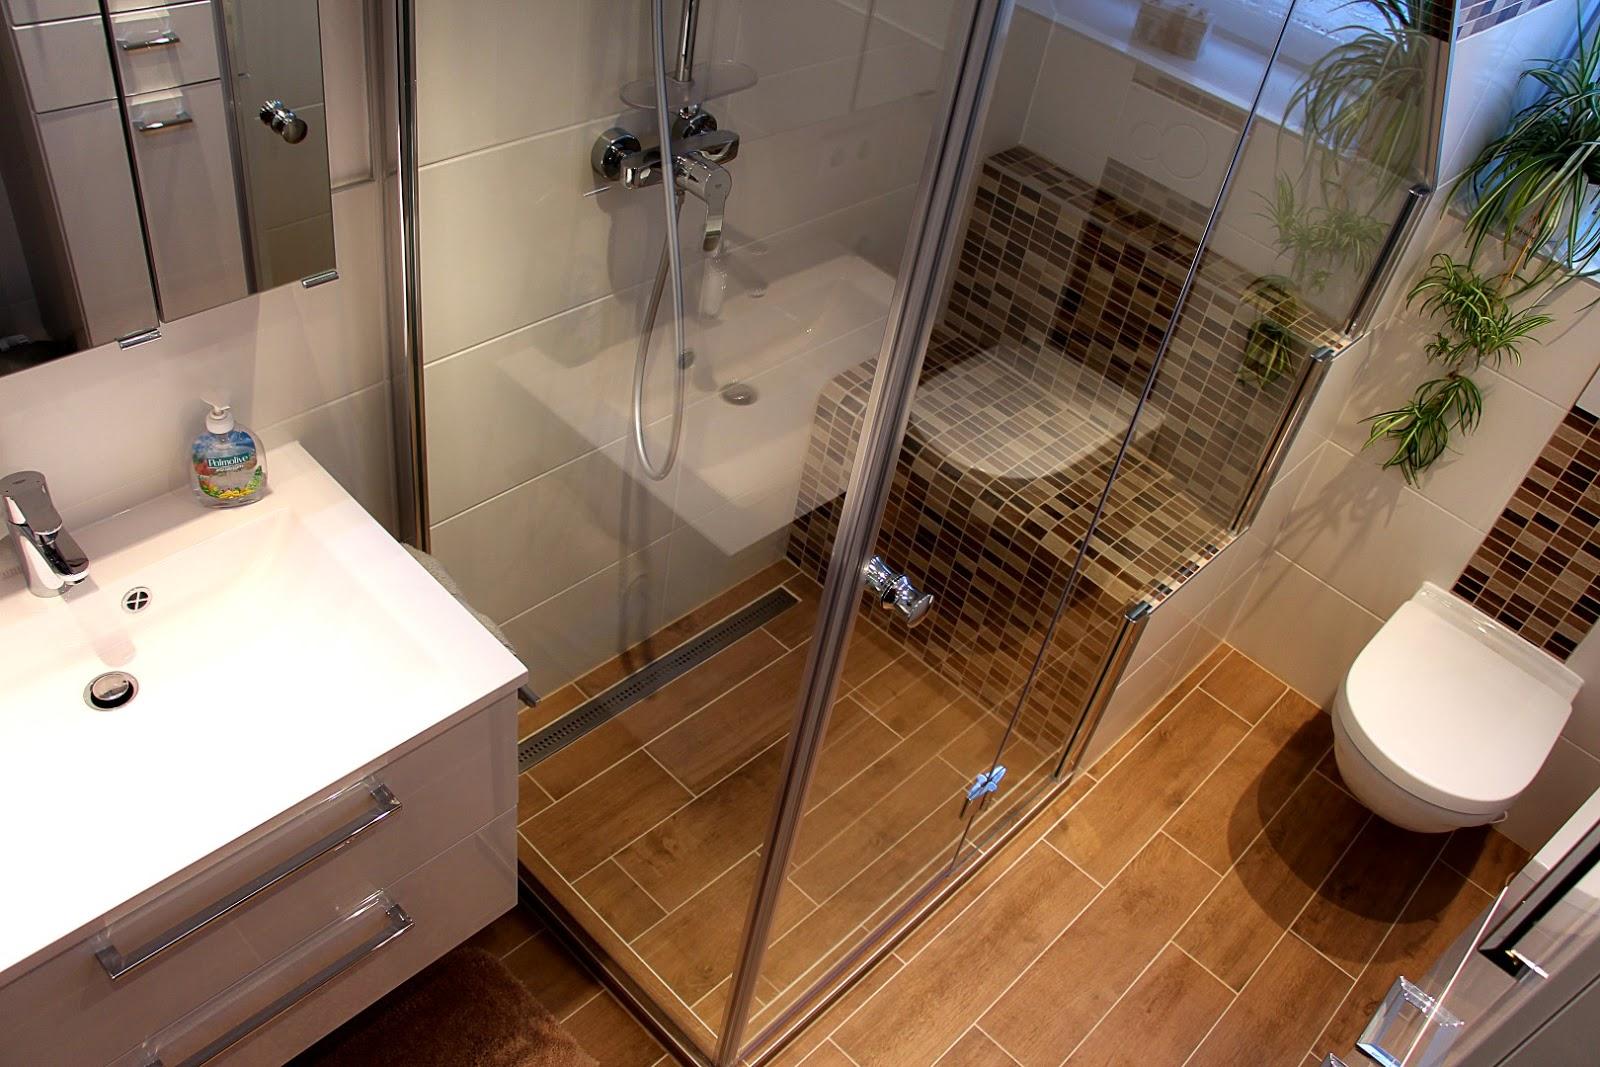 Badsanierung München komplettbadsanierung dachau cella gmbh badsanierung und